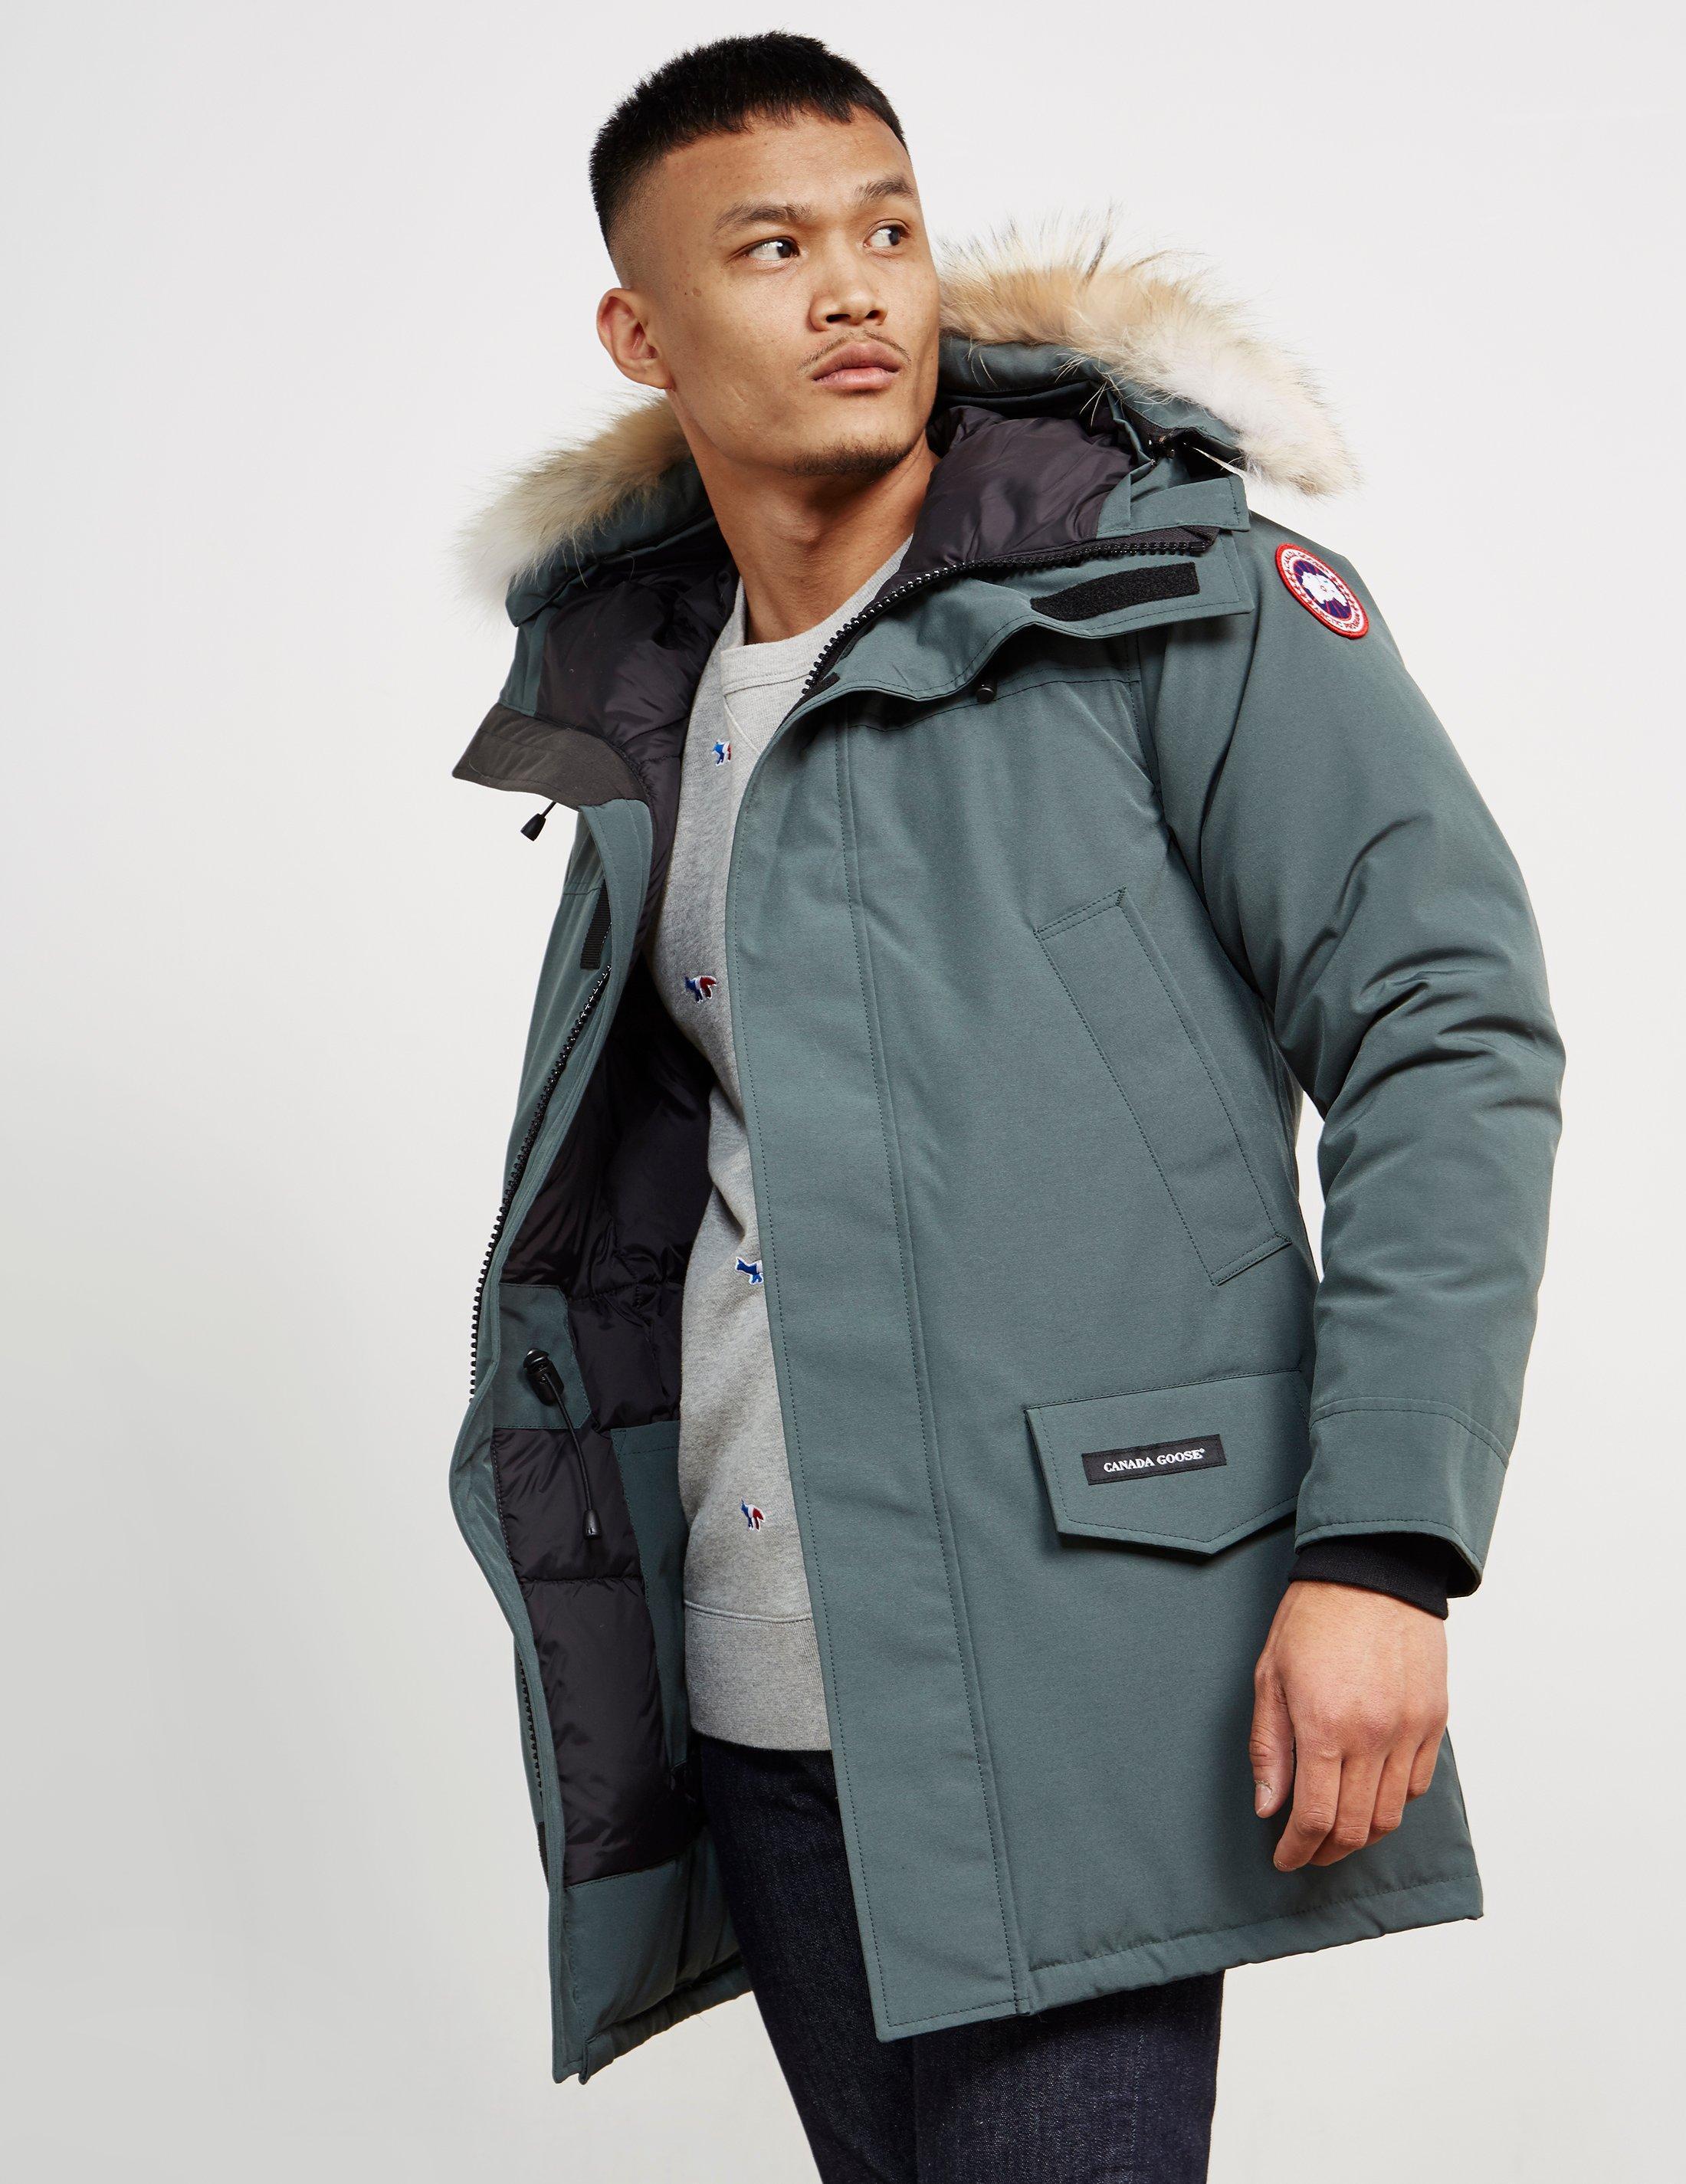 e20c313bce7 1df34 d18e9  get canada goose mens langford parka jacket online exclusive s  50ffd 42334